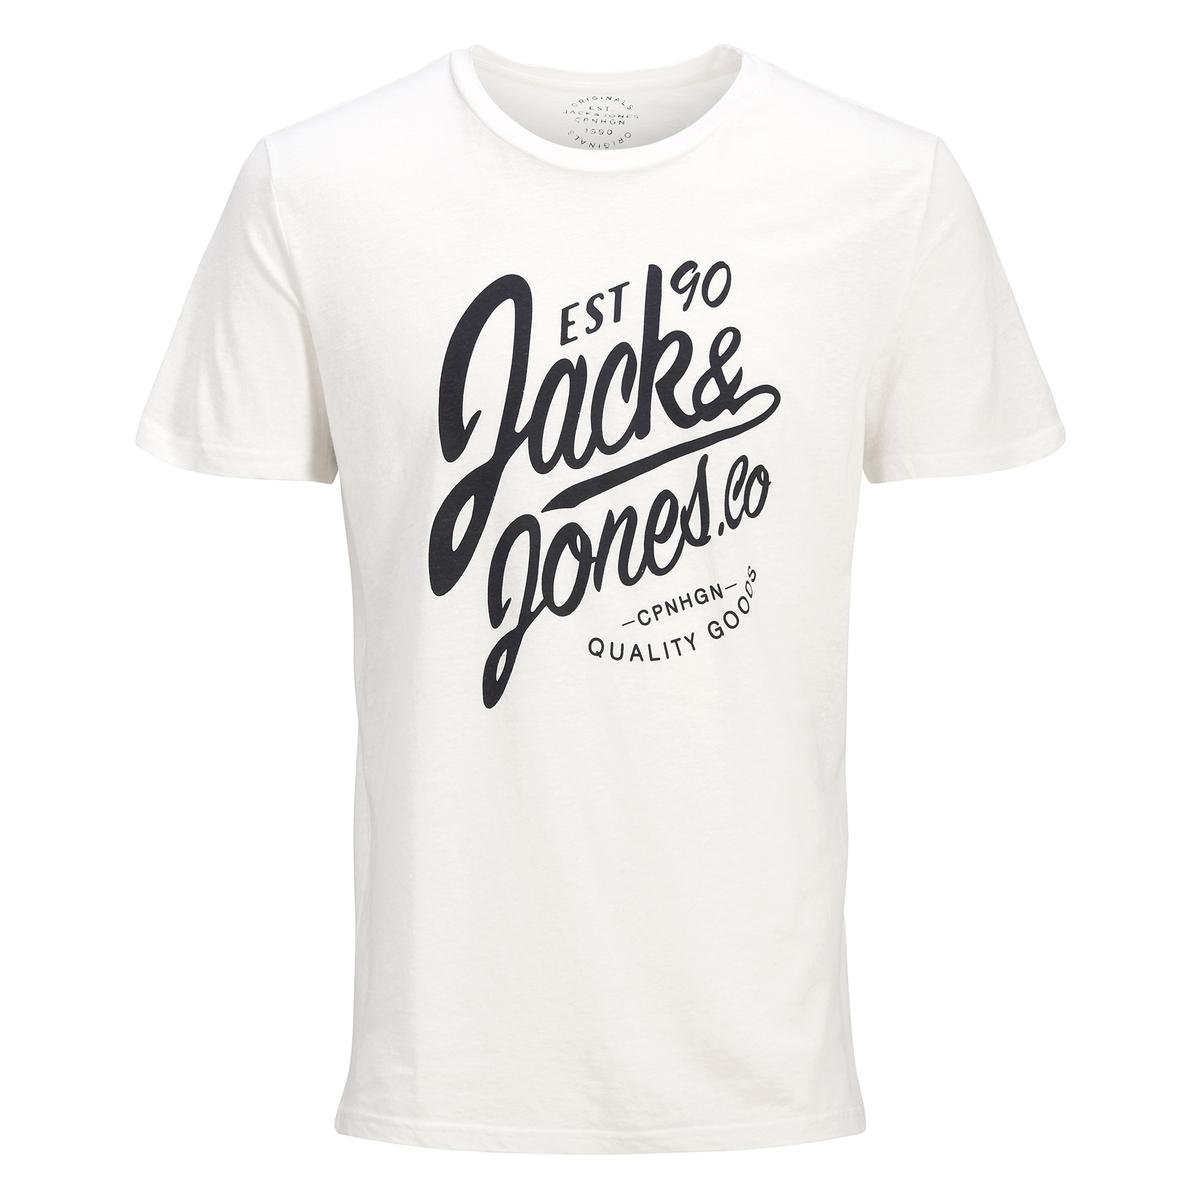 T-shirt met ronde hals en korte mouwen, print vooraan